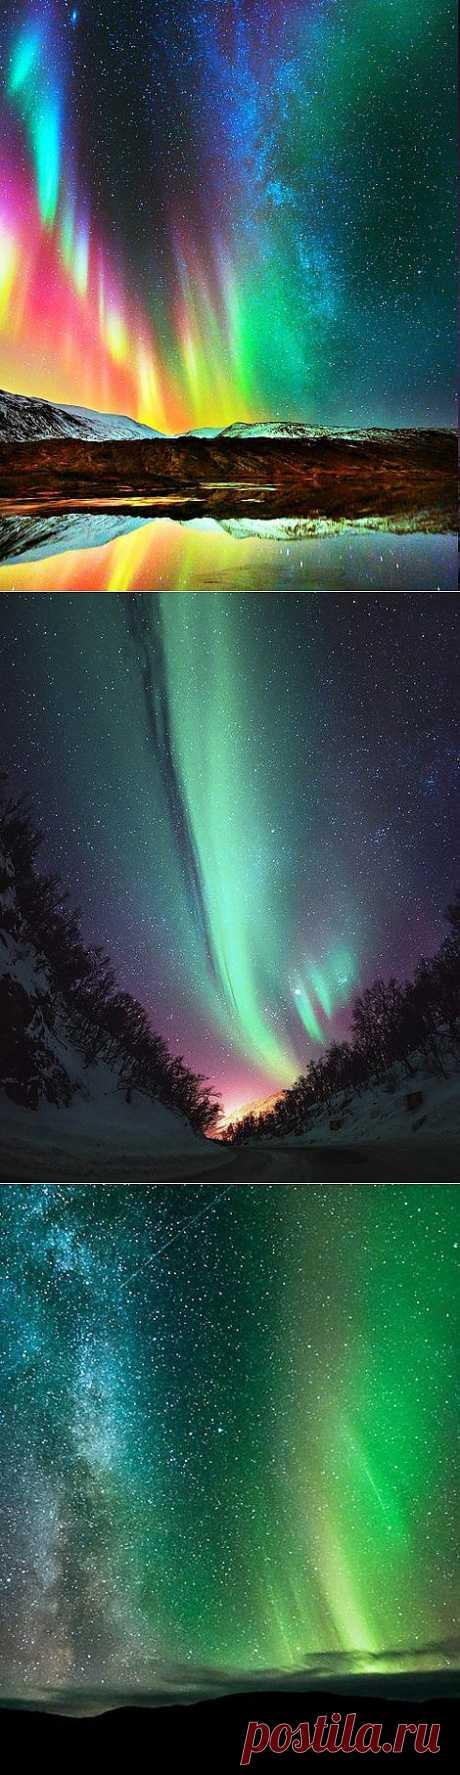 El signo divino: la aurora boreal